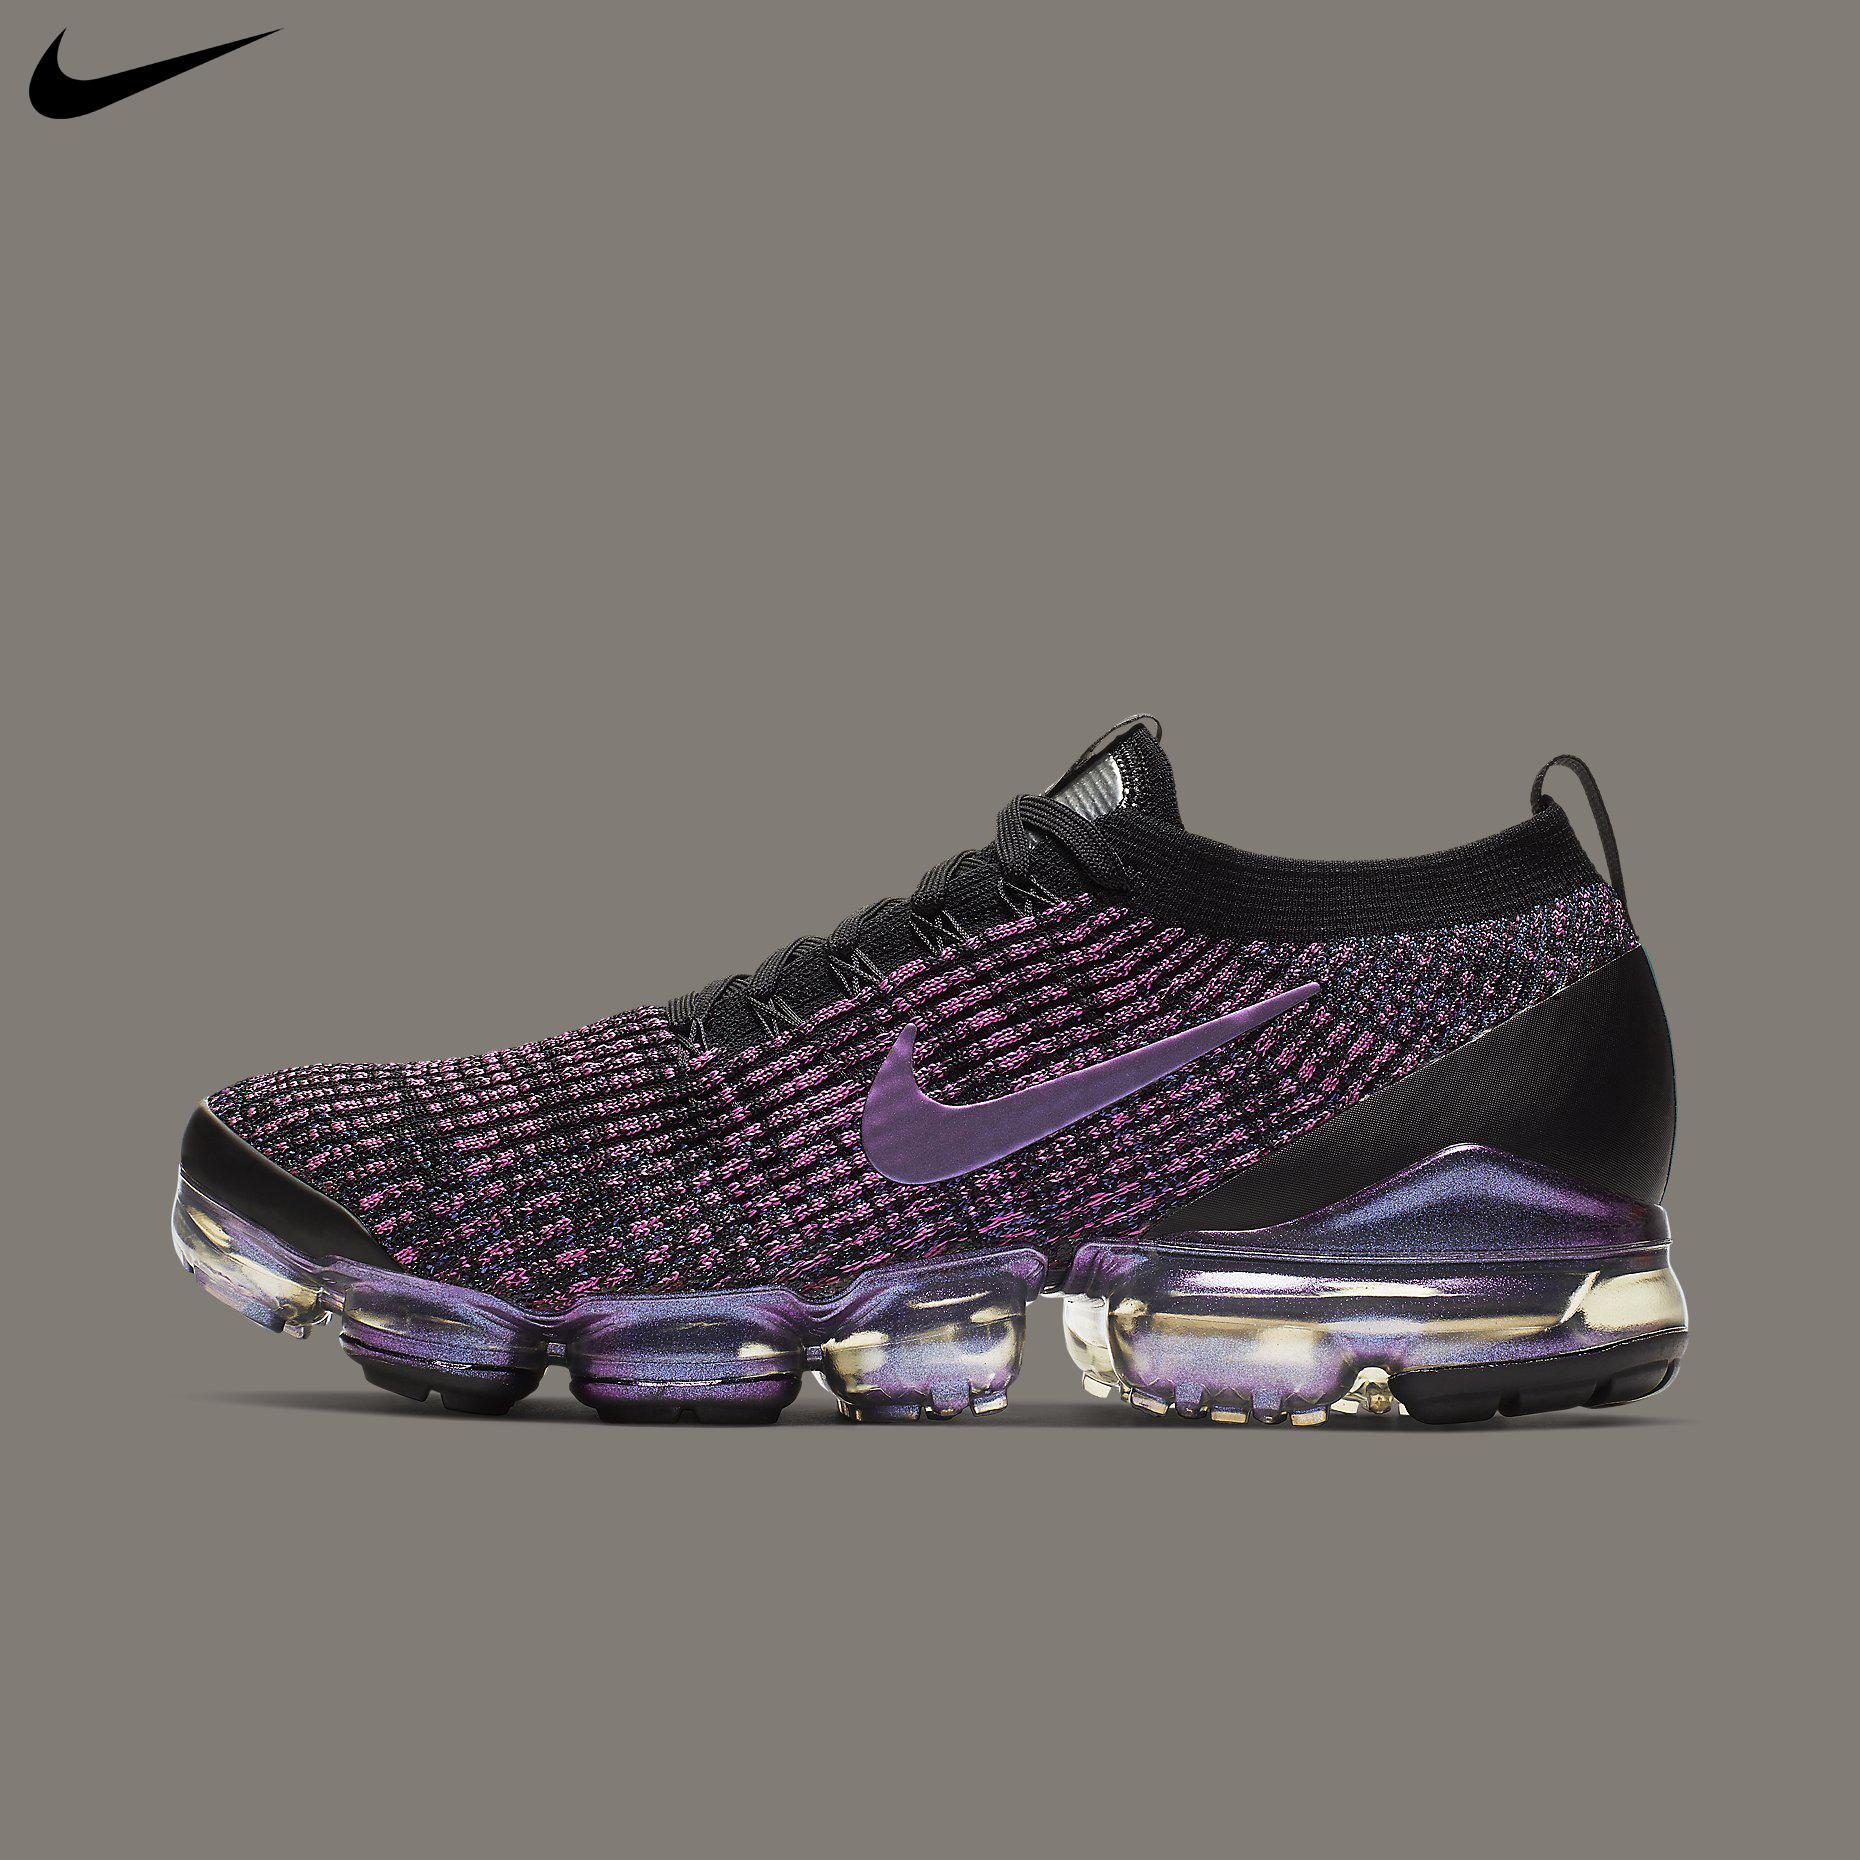 nike vapormax flyknit black purple